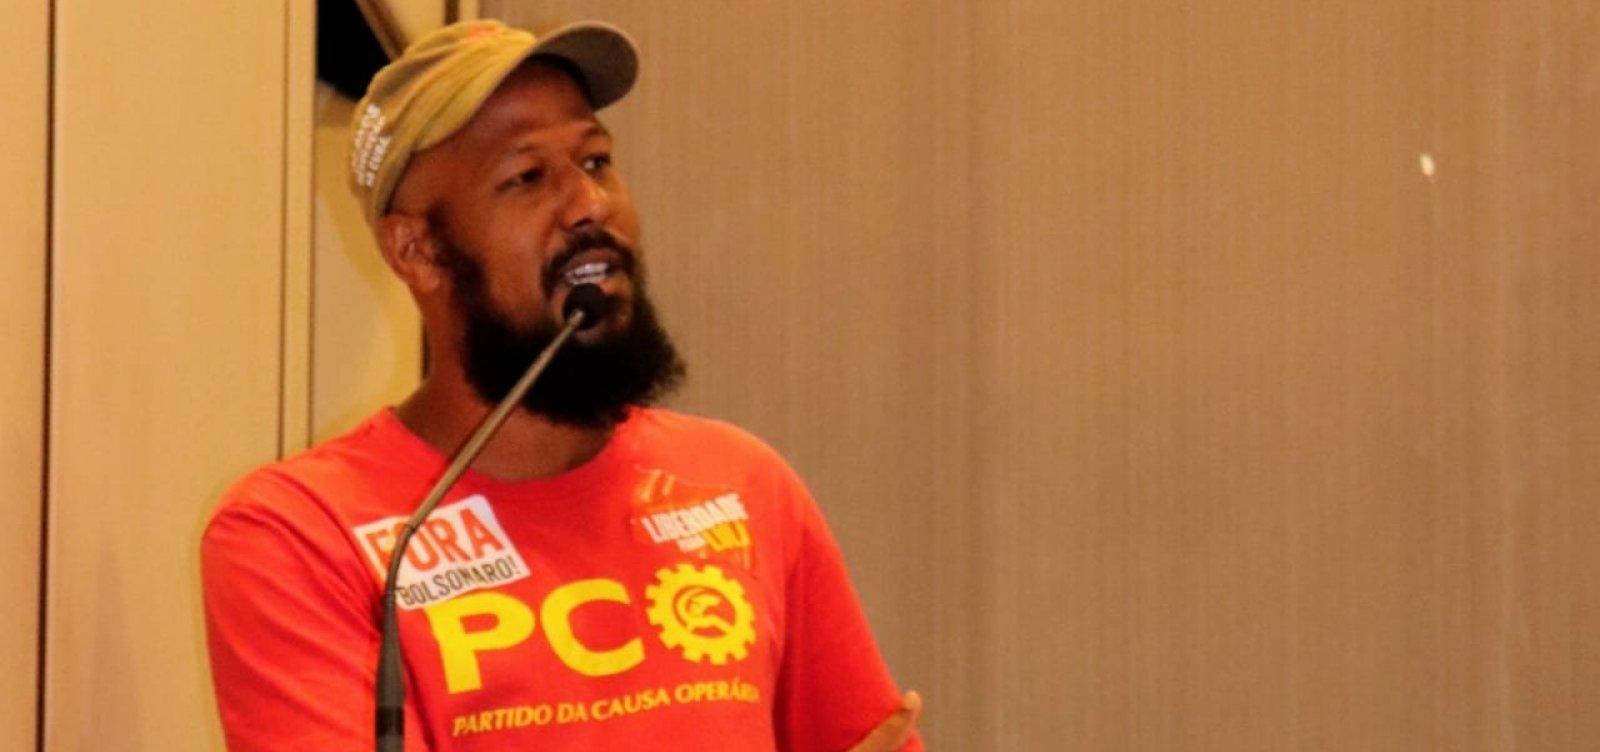 [PCO oficializa candidatura de Rodrigo Pereira à Prefeitura de Salvador]